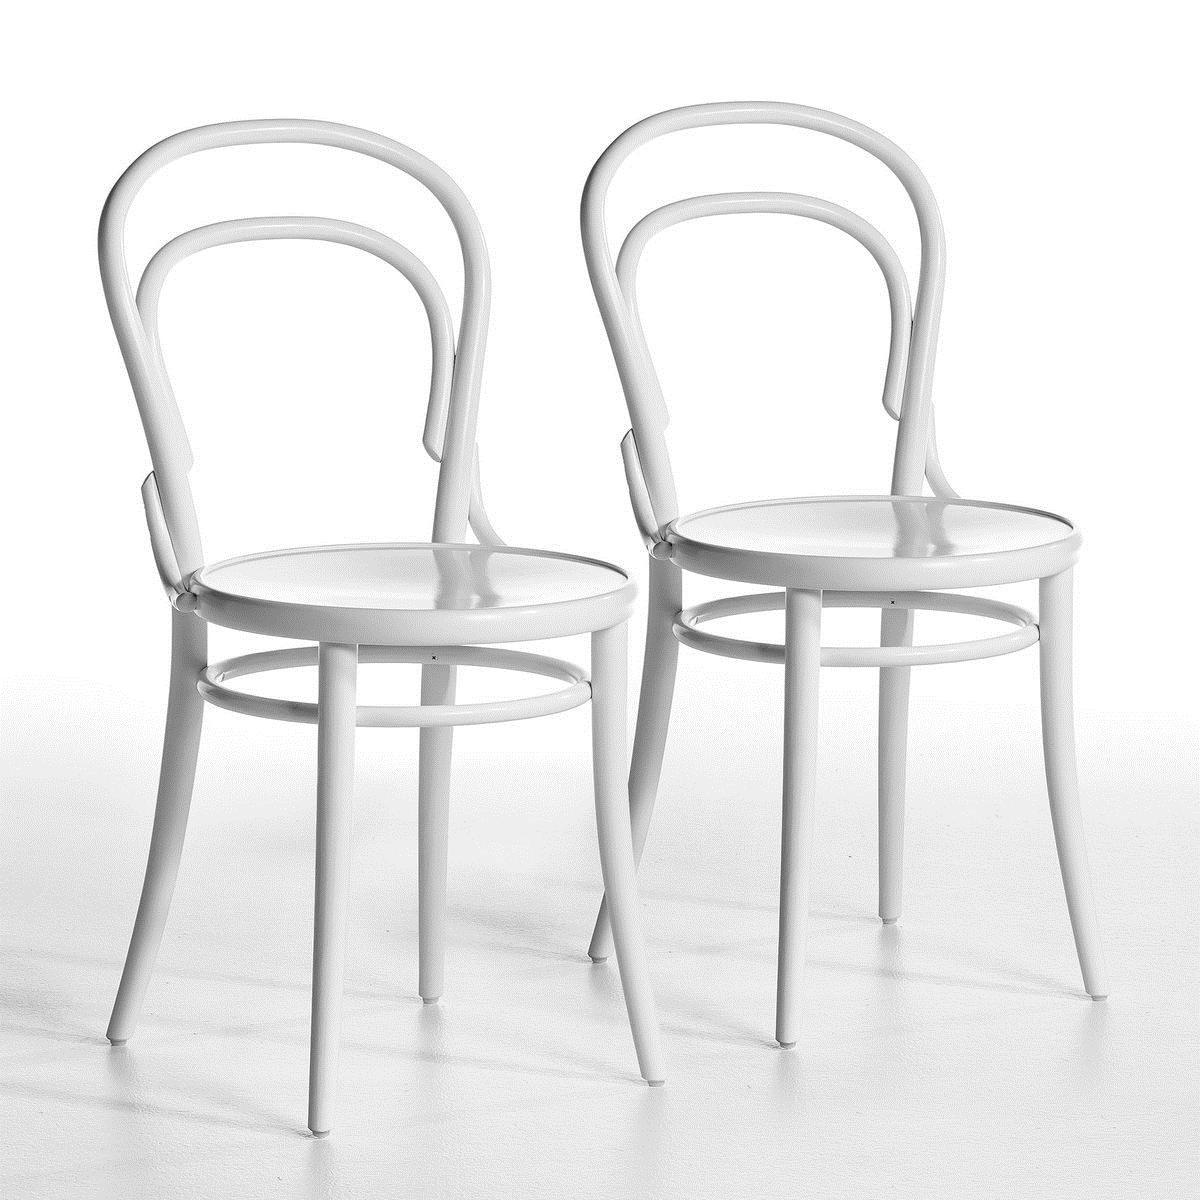 chaise neda am pm vendue par 2 chaises am pm ventes pas. Black Bedroom Furniture Sets. Home Design Ideas